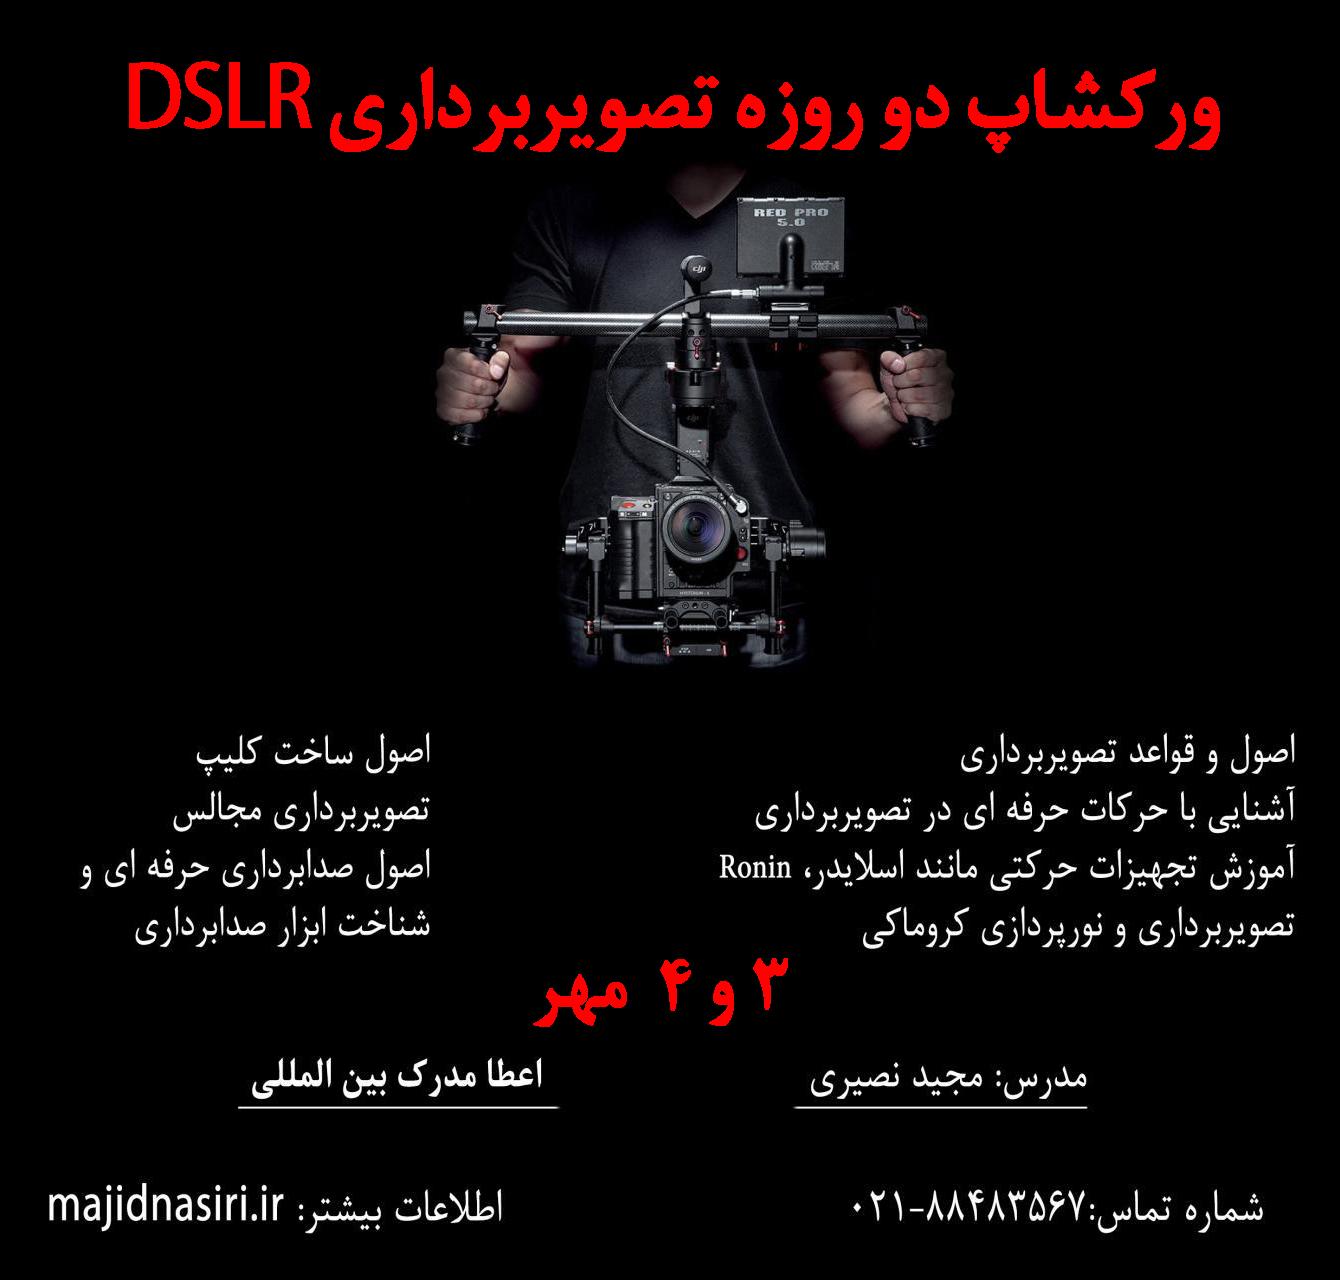 آموزش تصویربرداری با دوربین های Dslr